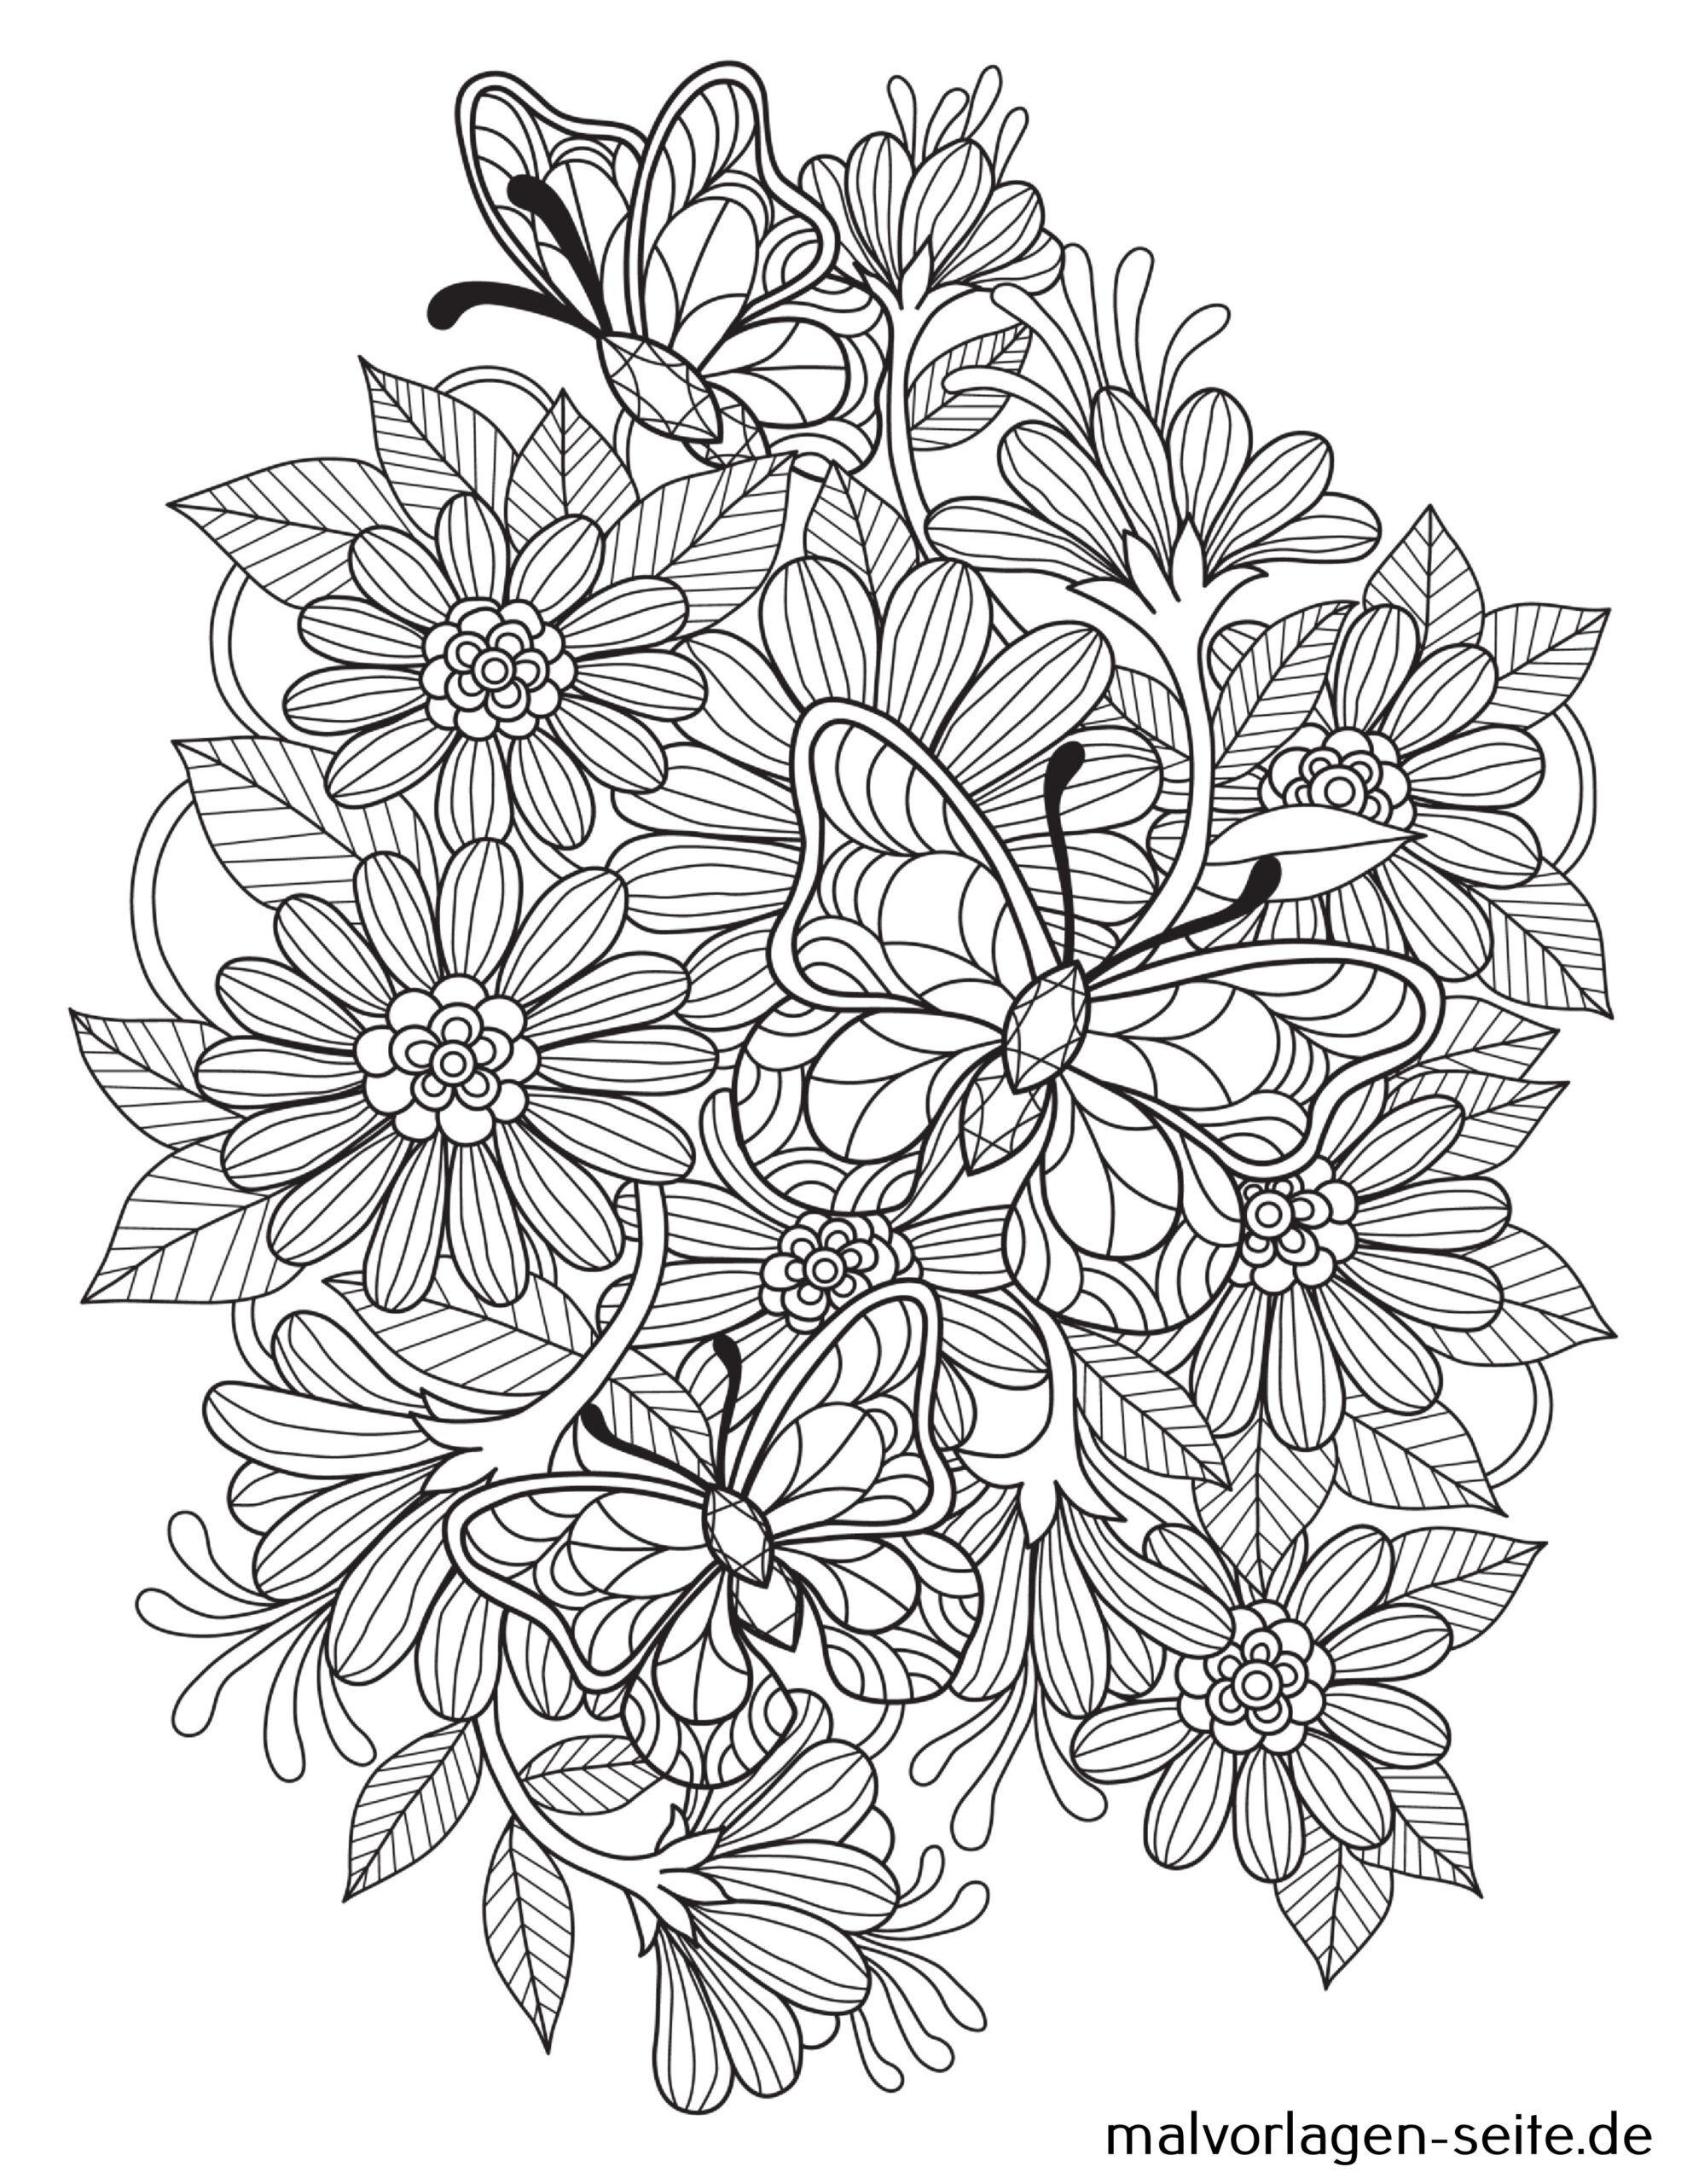 Tolle Mandala Für Erwachsene - Blüten Mit Schmetterling